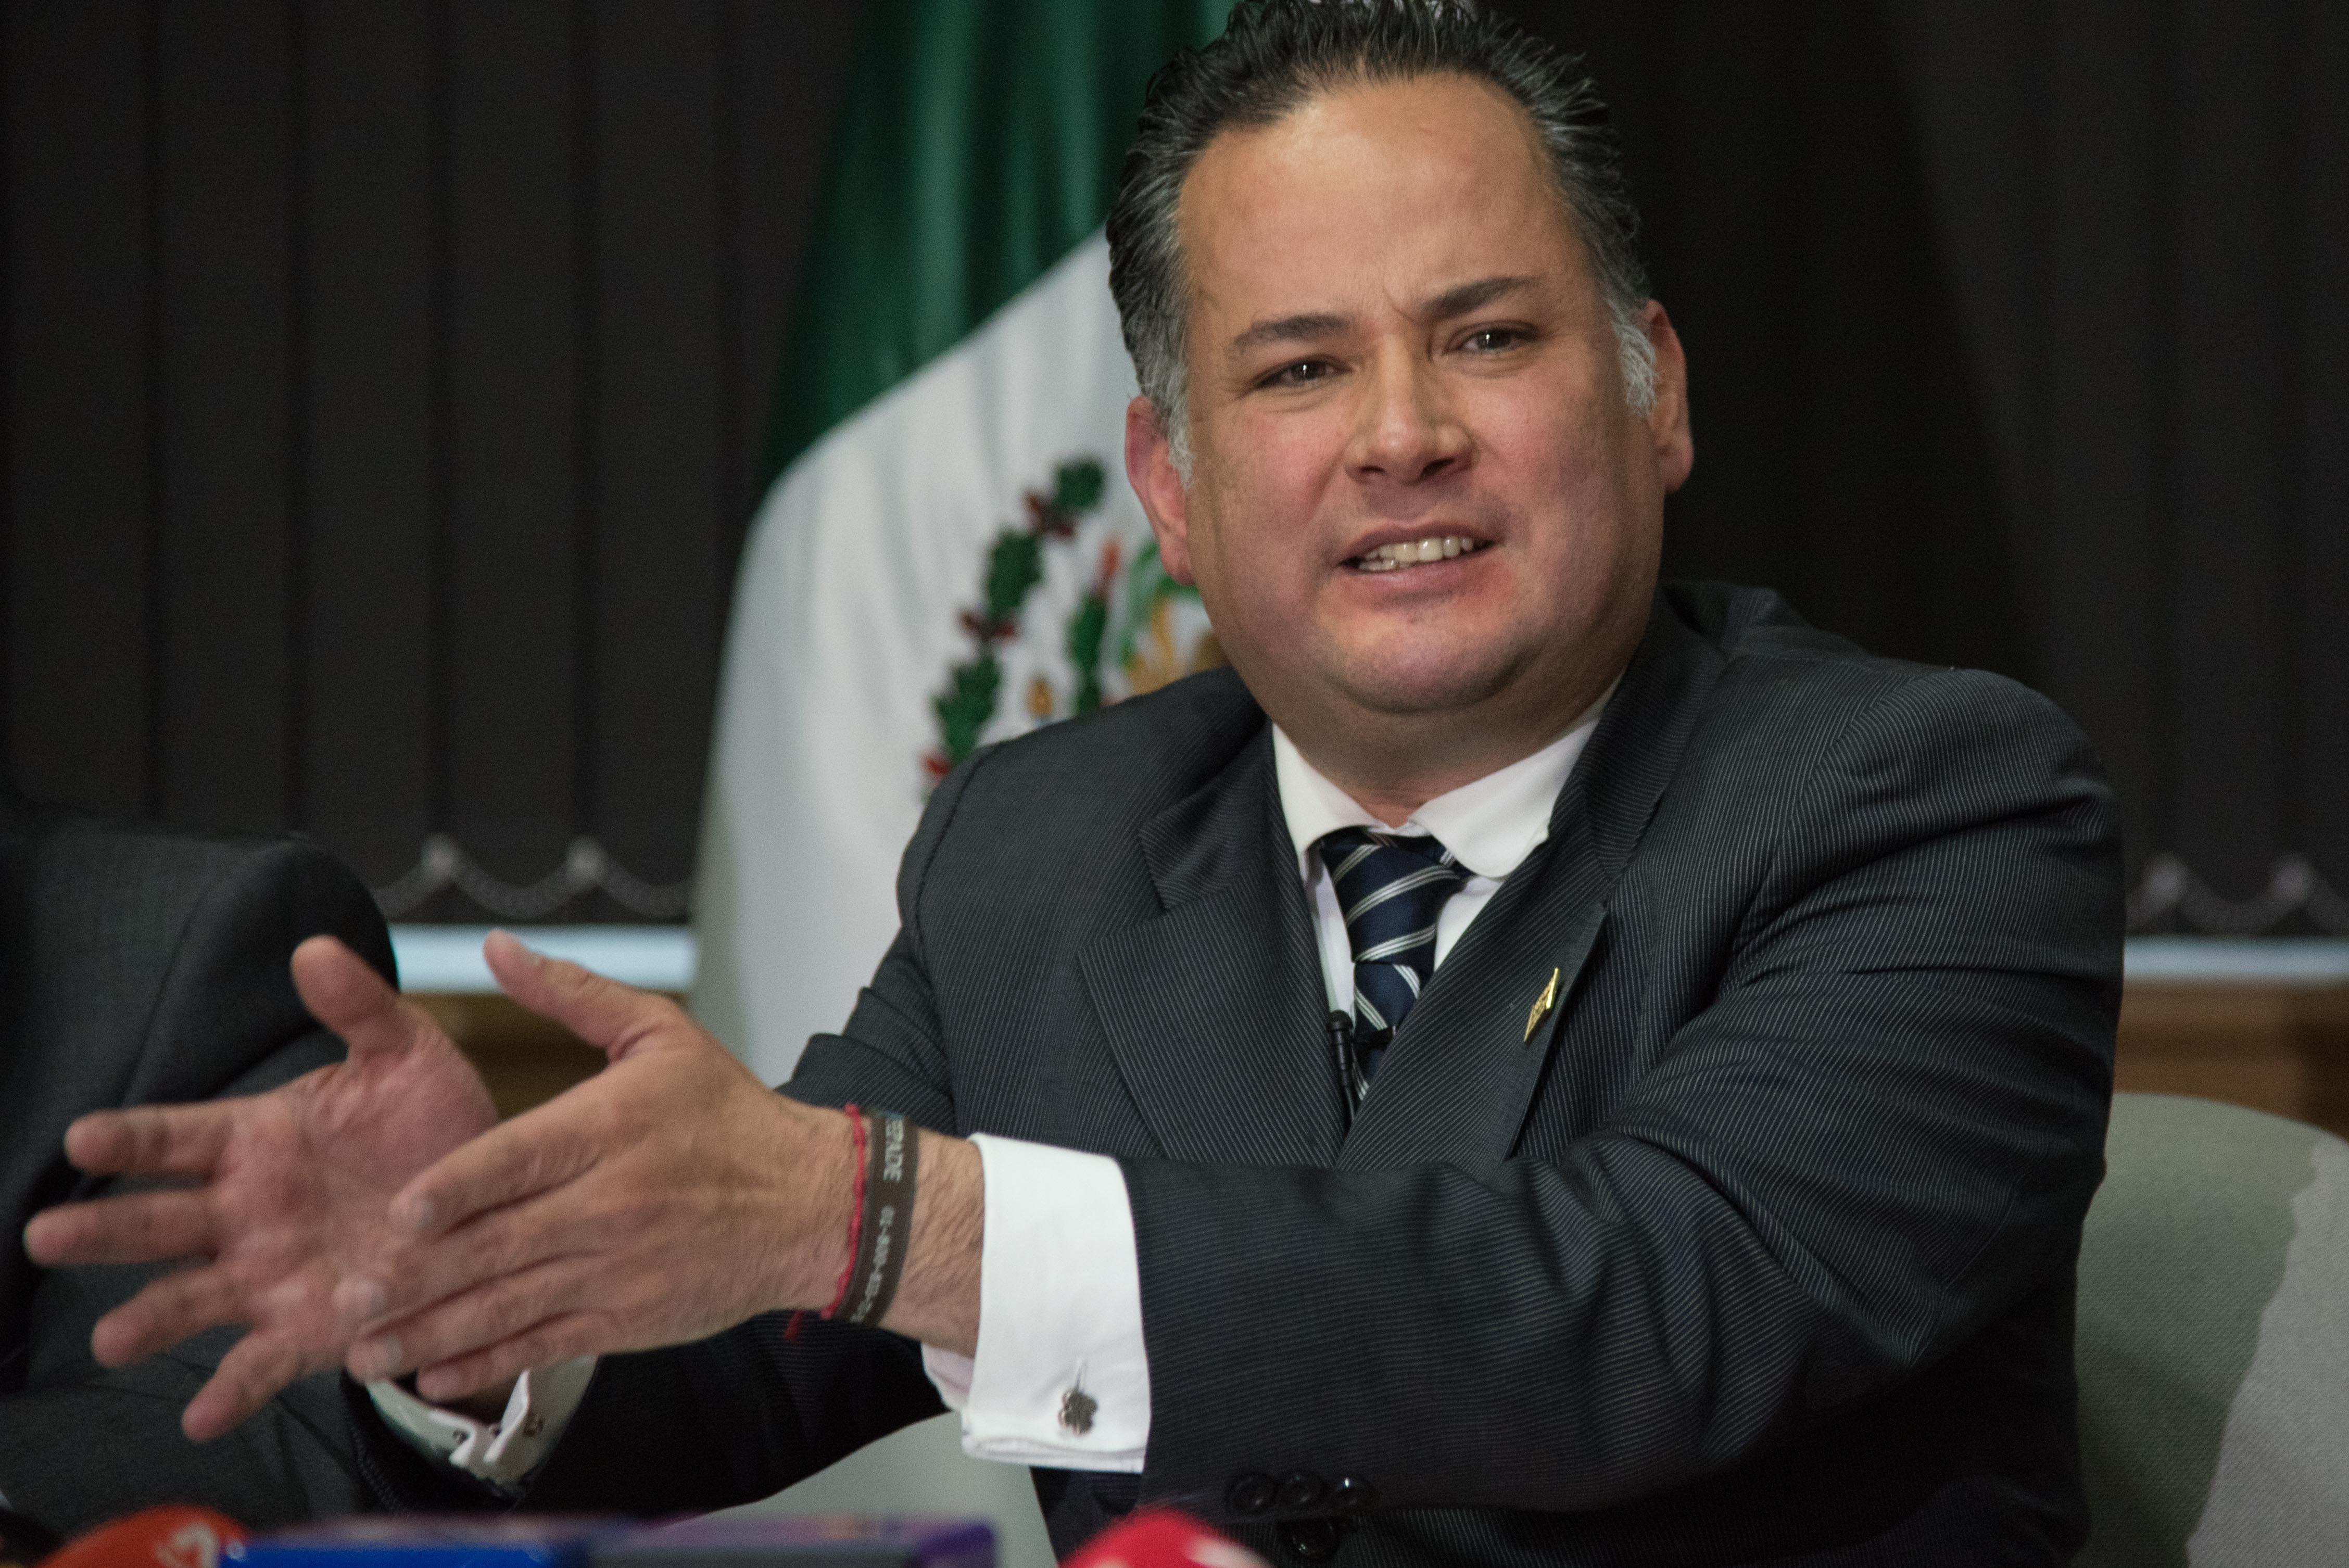 Santiago Nieto, titular de la Fiscalía Especializada para la Atención de Delitos Electorales (FEPADE) en imagen de archivo. FOTO: CUARTOSCURO